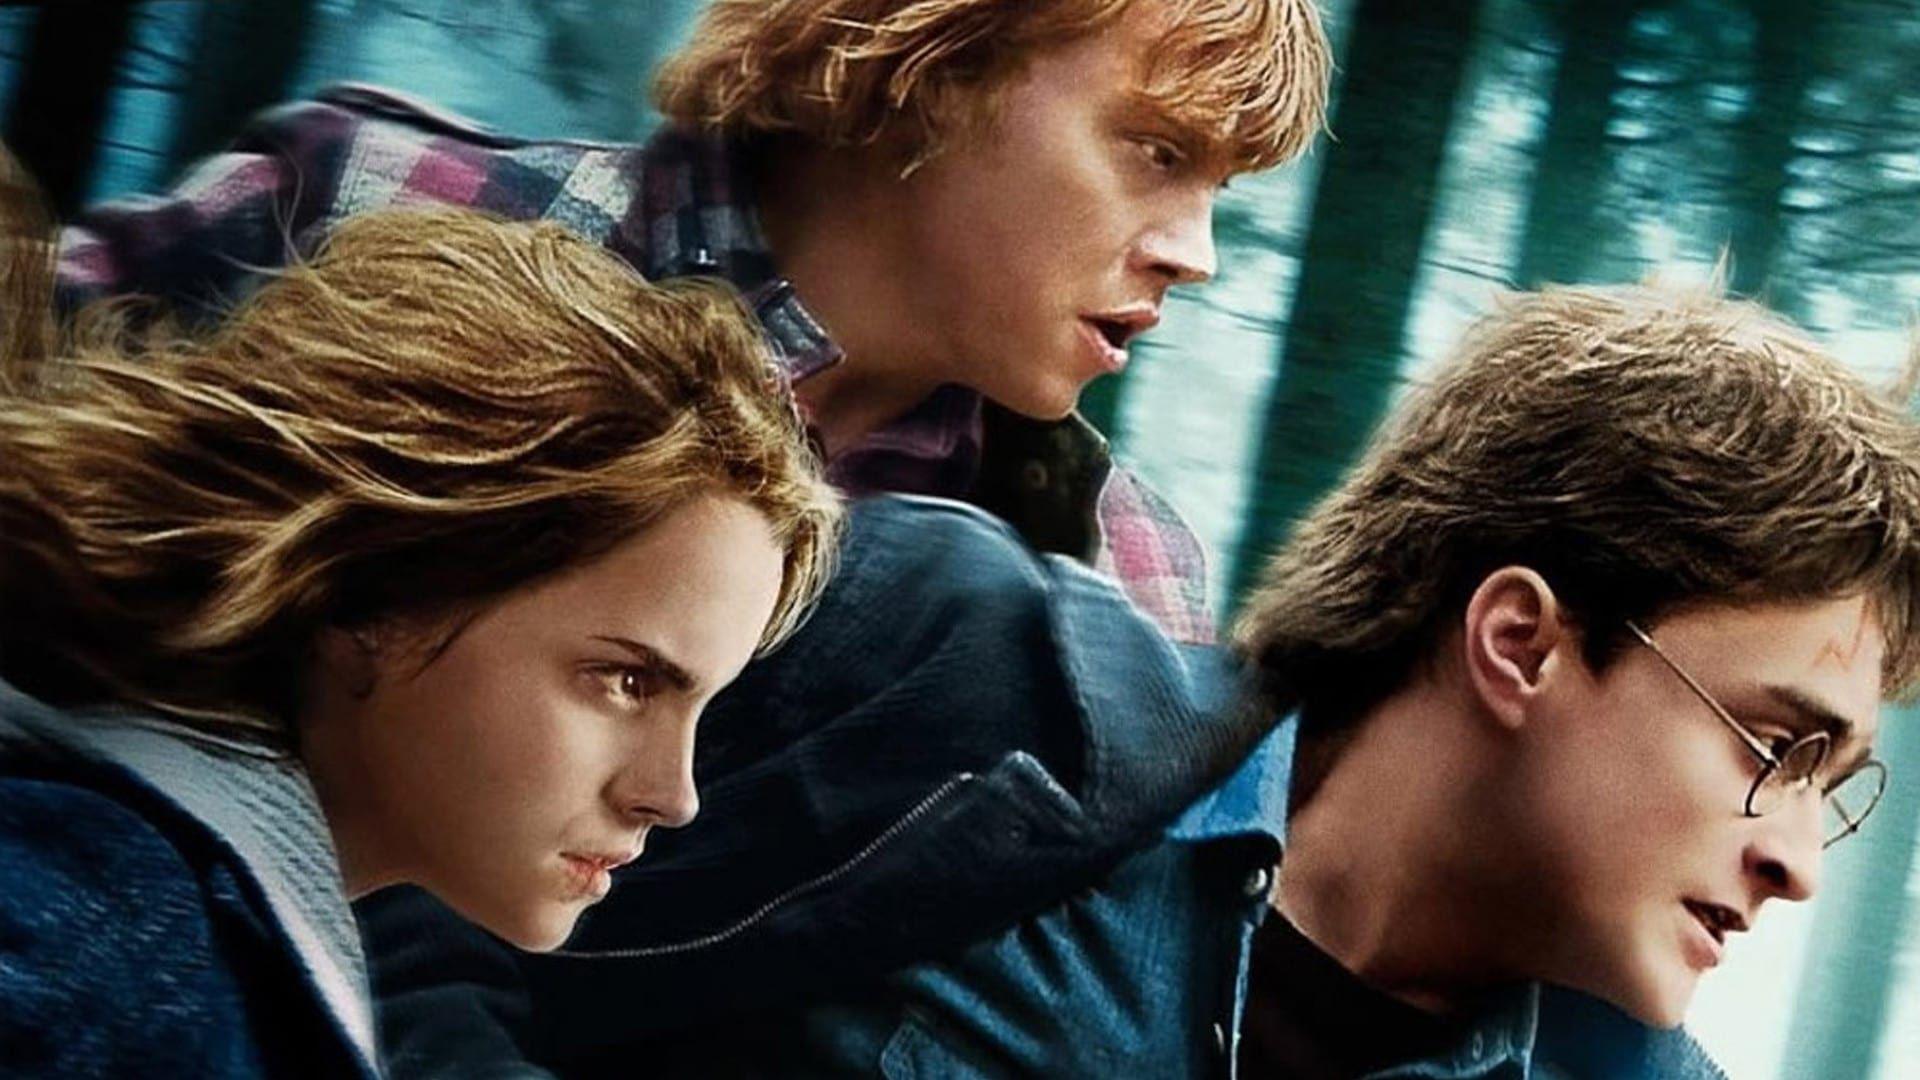 Sehen Harry Potter Und Die Heiligtumer Des Todes Teil 1 2010 Ganzer Film Deutsch Komplett Kino Harry Deathly Hallows Part 1 Harry Potter Harry Potter Movies